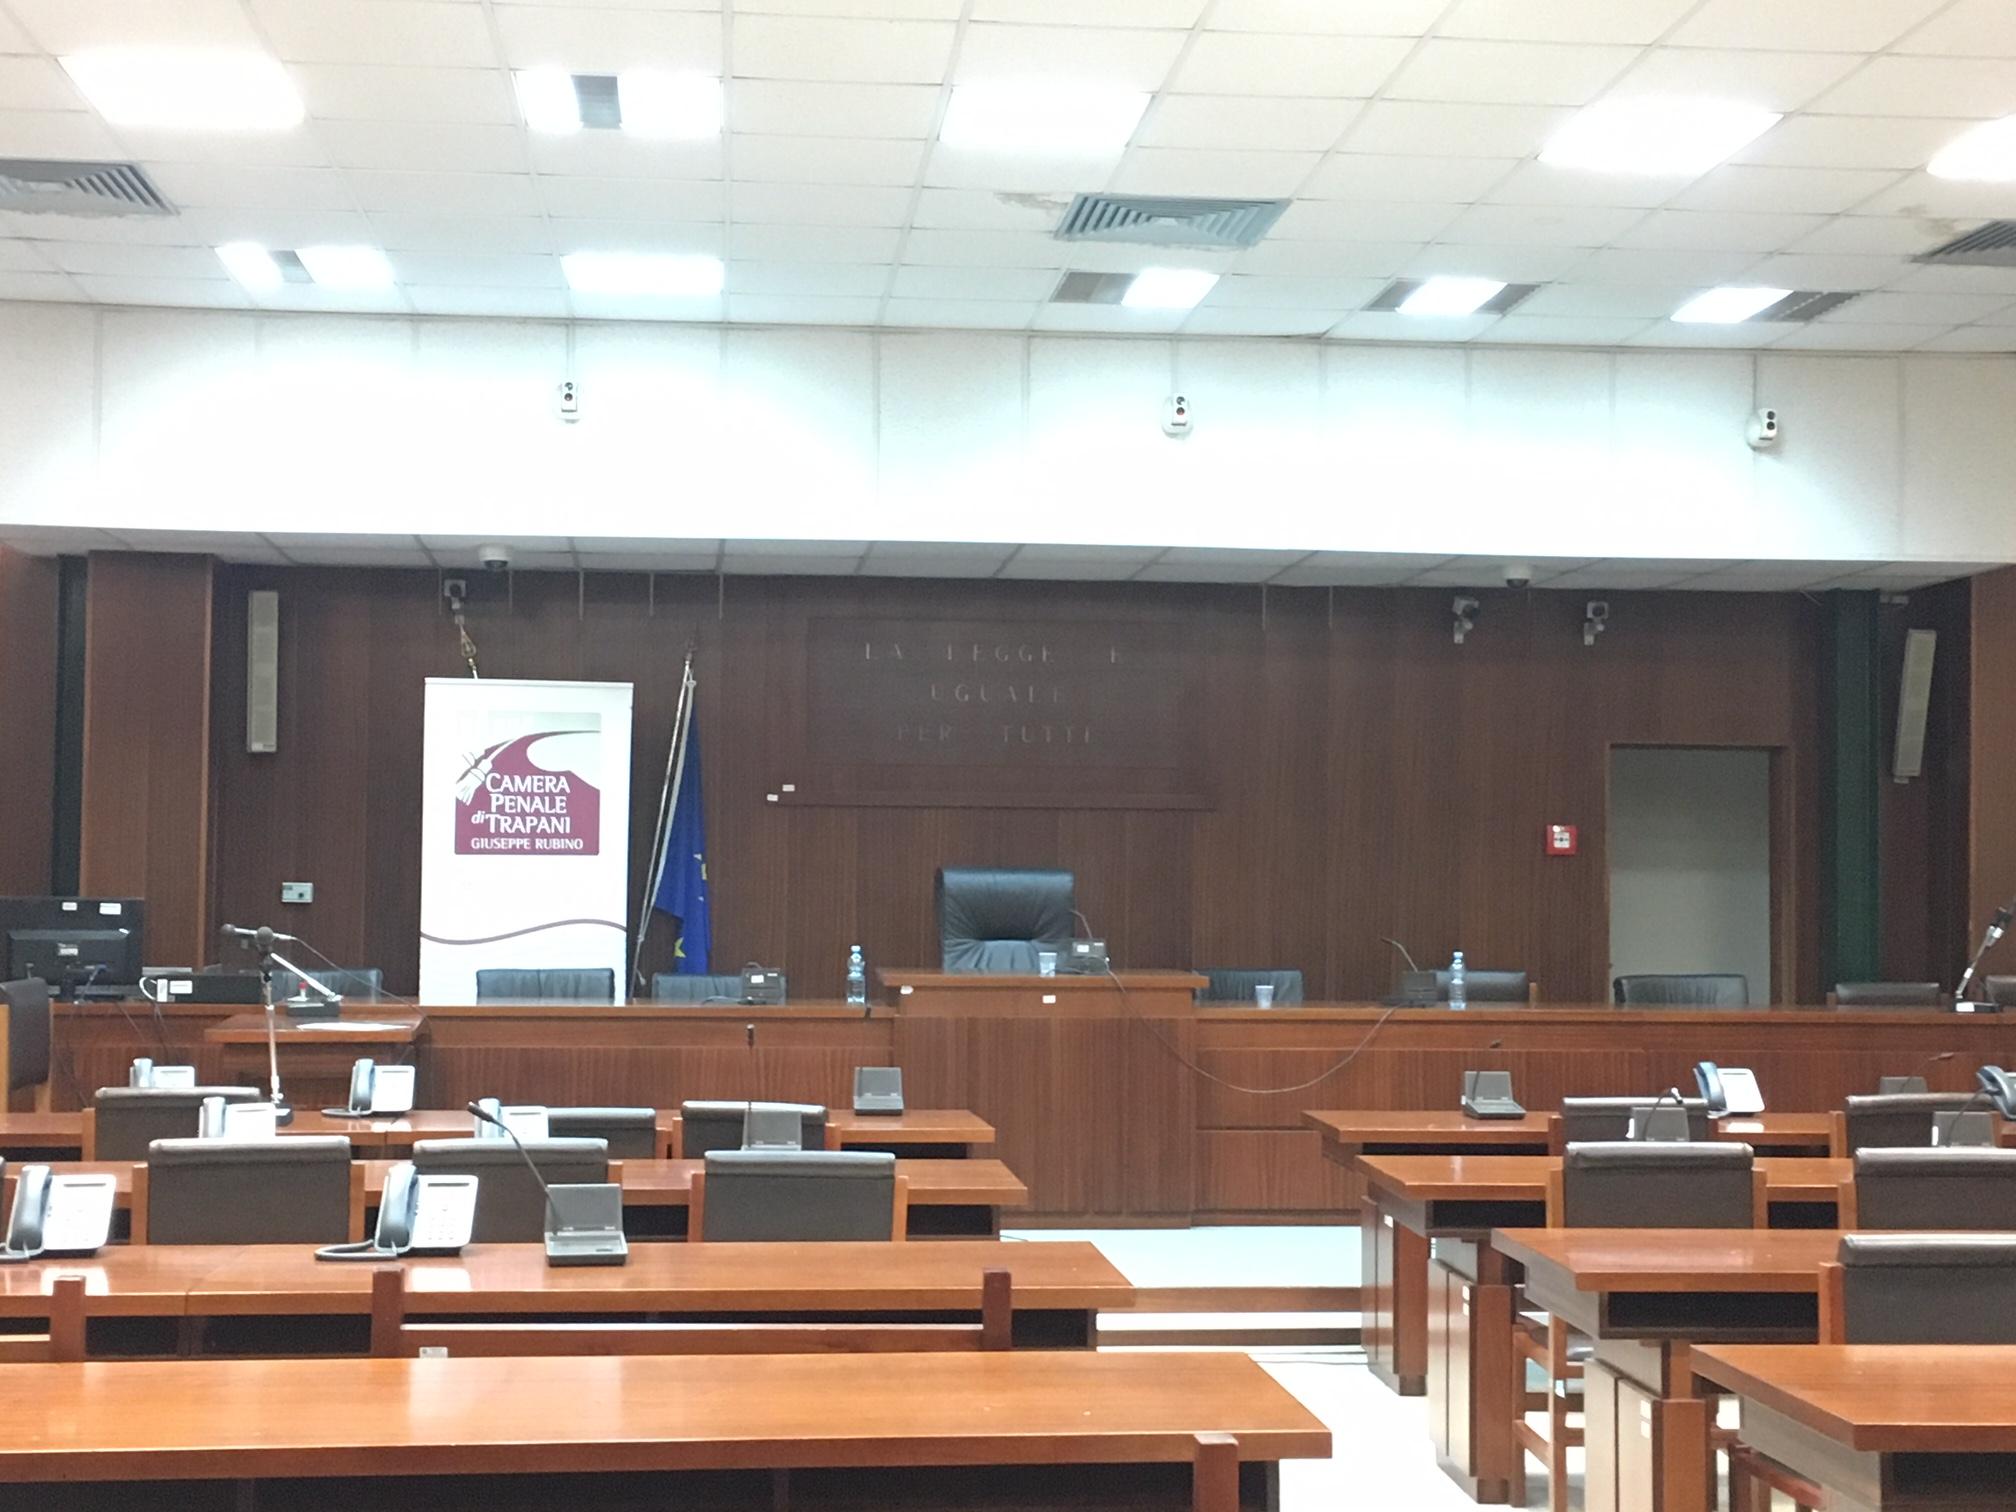 Voto di scambio ad Alcamo, condannato l'ex consigliere Antonio Nicolosi